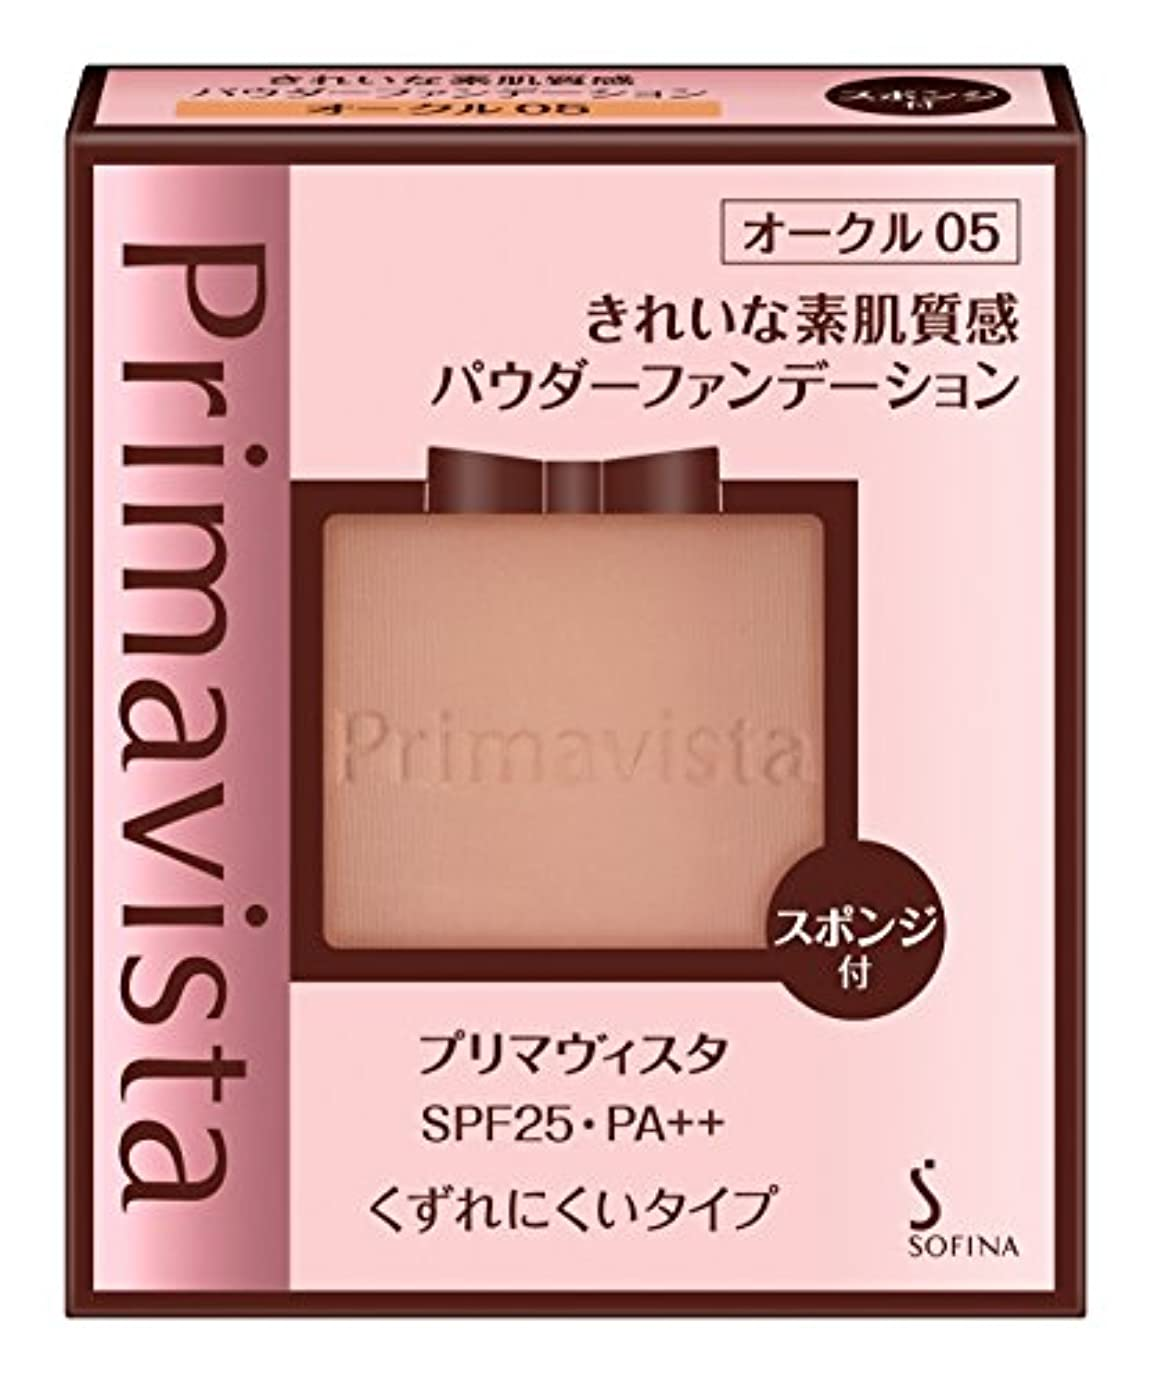 エスカレート書き込み海外プリマヴィスタ きれいな素肌質感パウダーファンデーション オークル05 SPF25 PA++ 9g